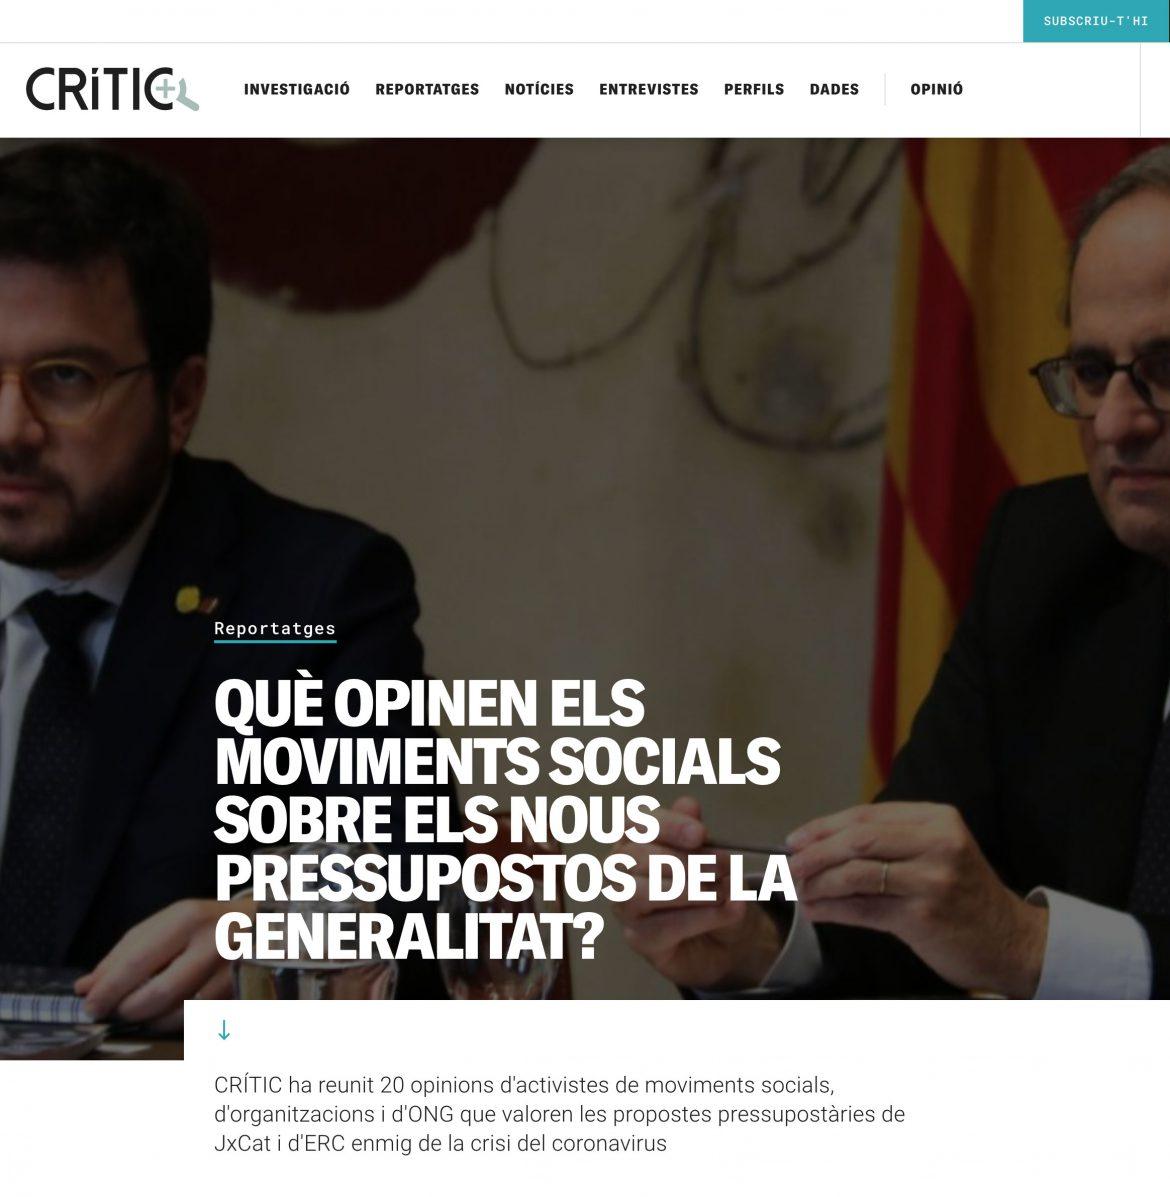 PREMSA: Què opinen els moviments socials sobre els nous pressupostos de la Generalitat?